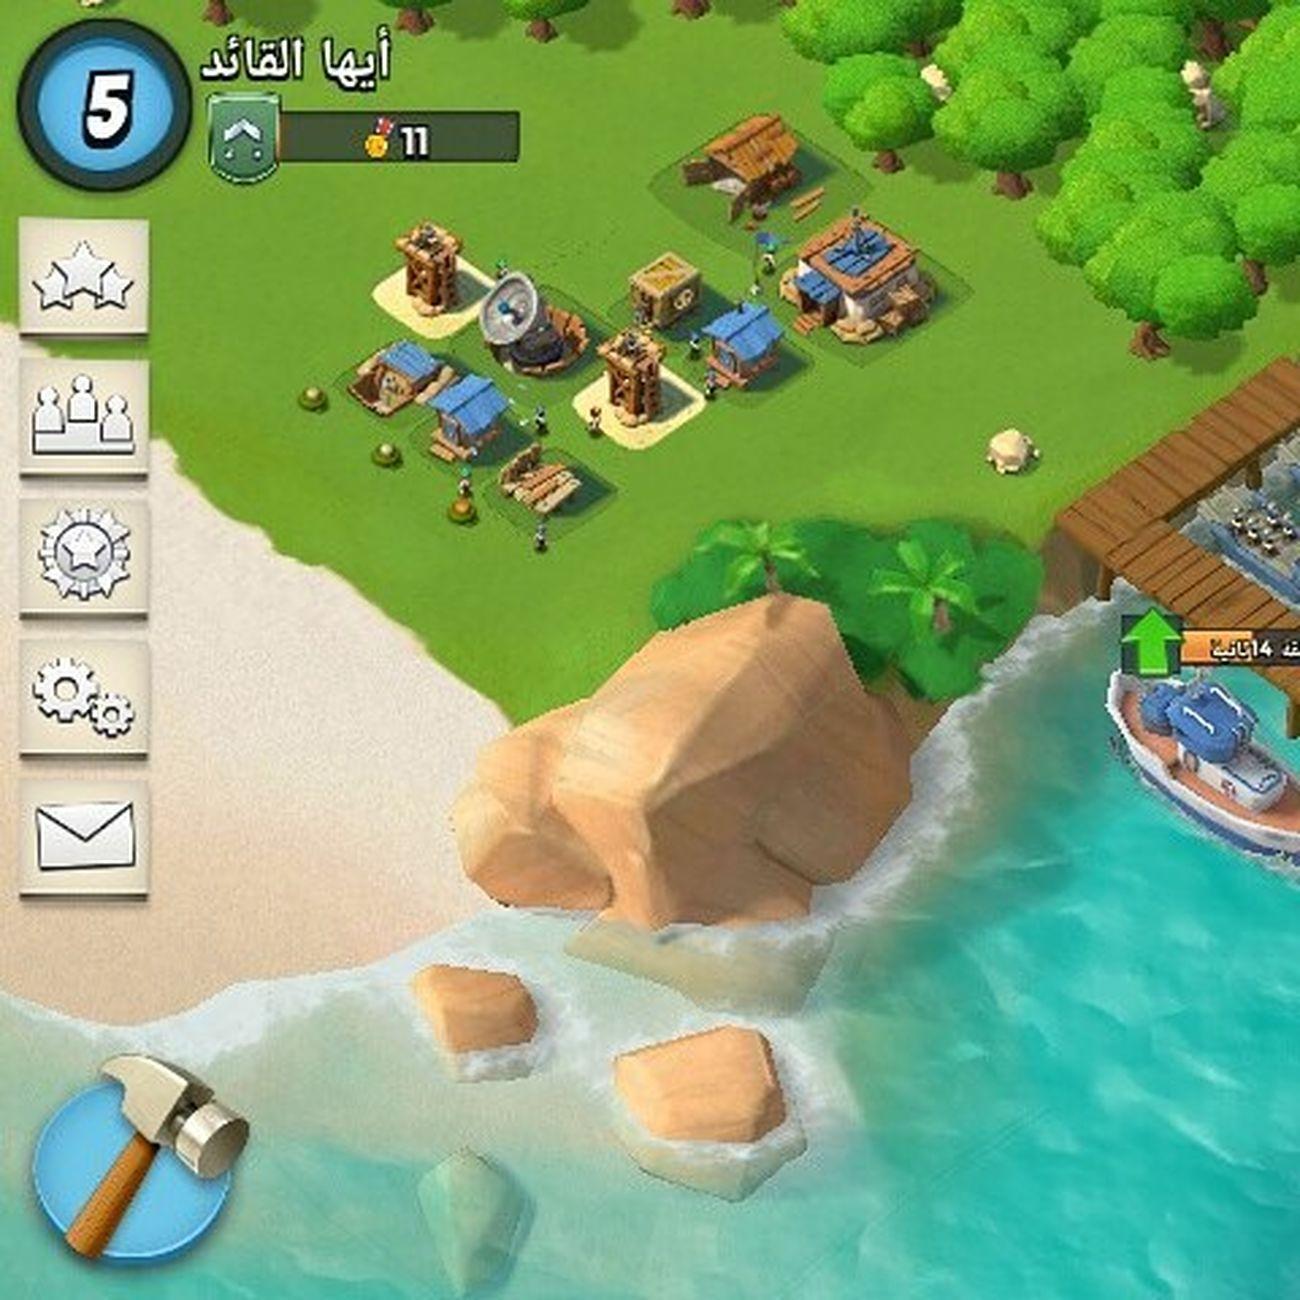 بومبيتش بوم_بيتش Boombeach Boom_beach